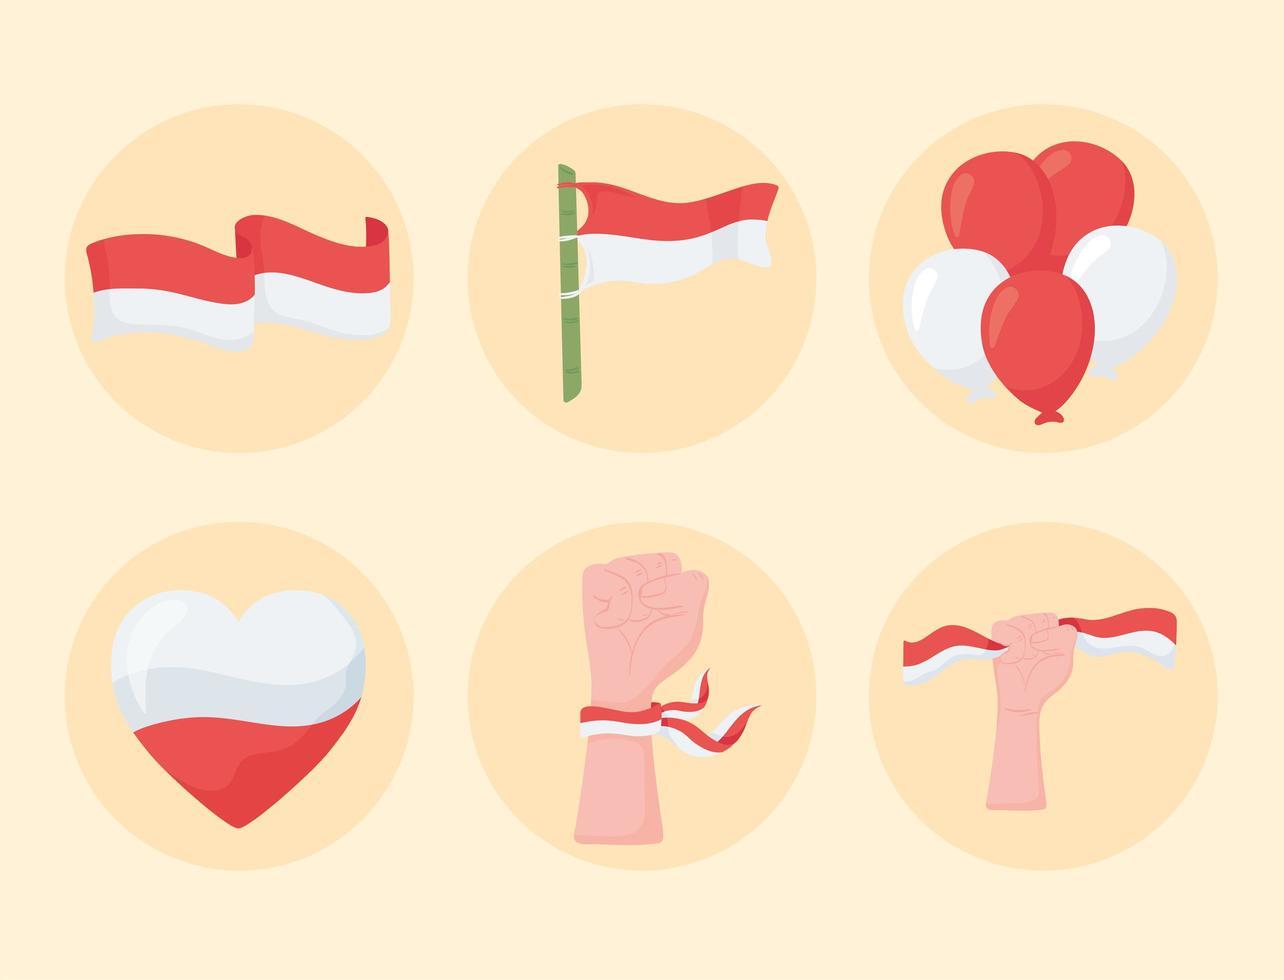 ícones da bandeira da indonésia vetor